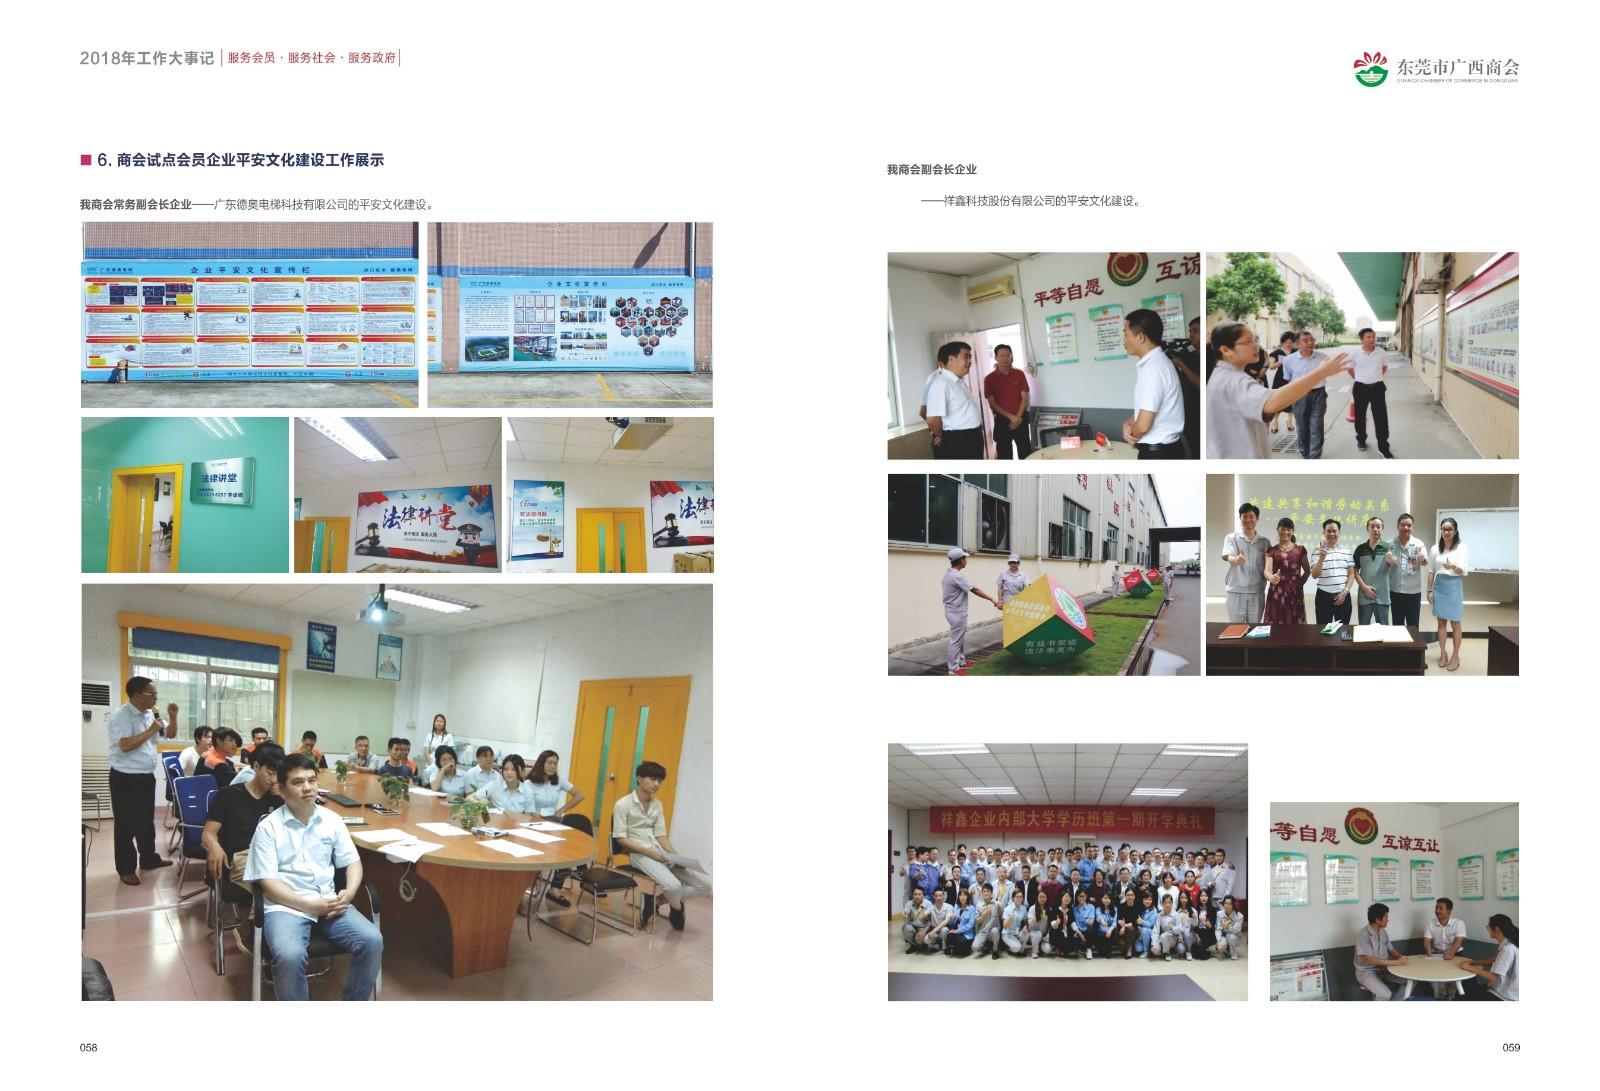 beplay在线网页-亚洲平台